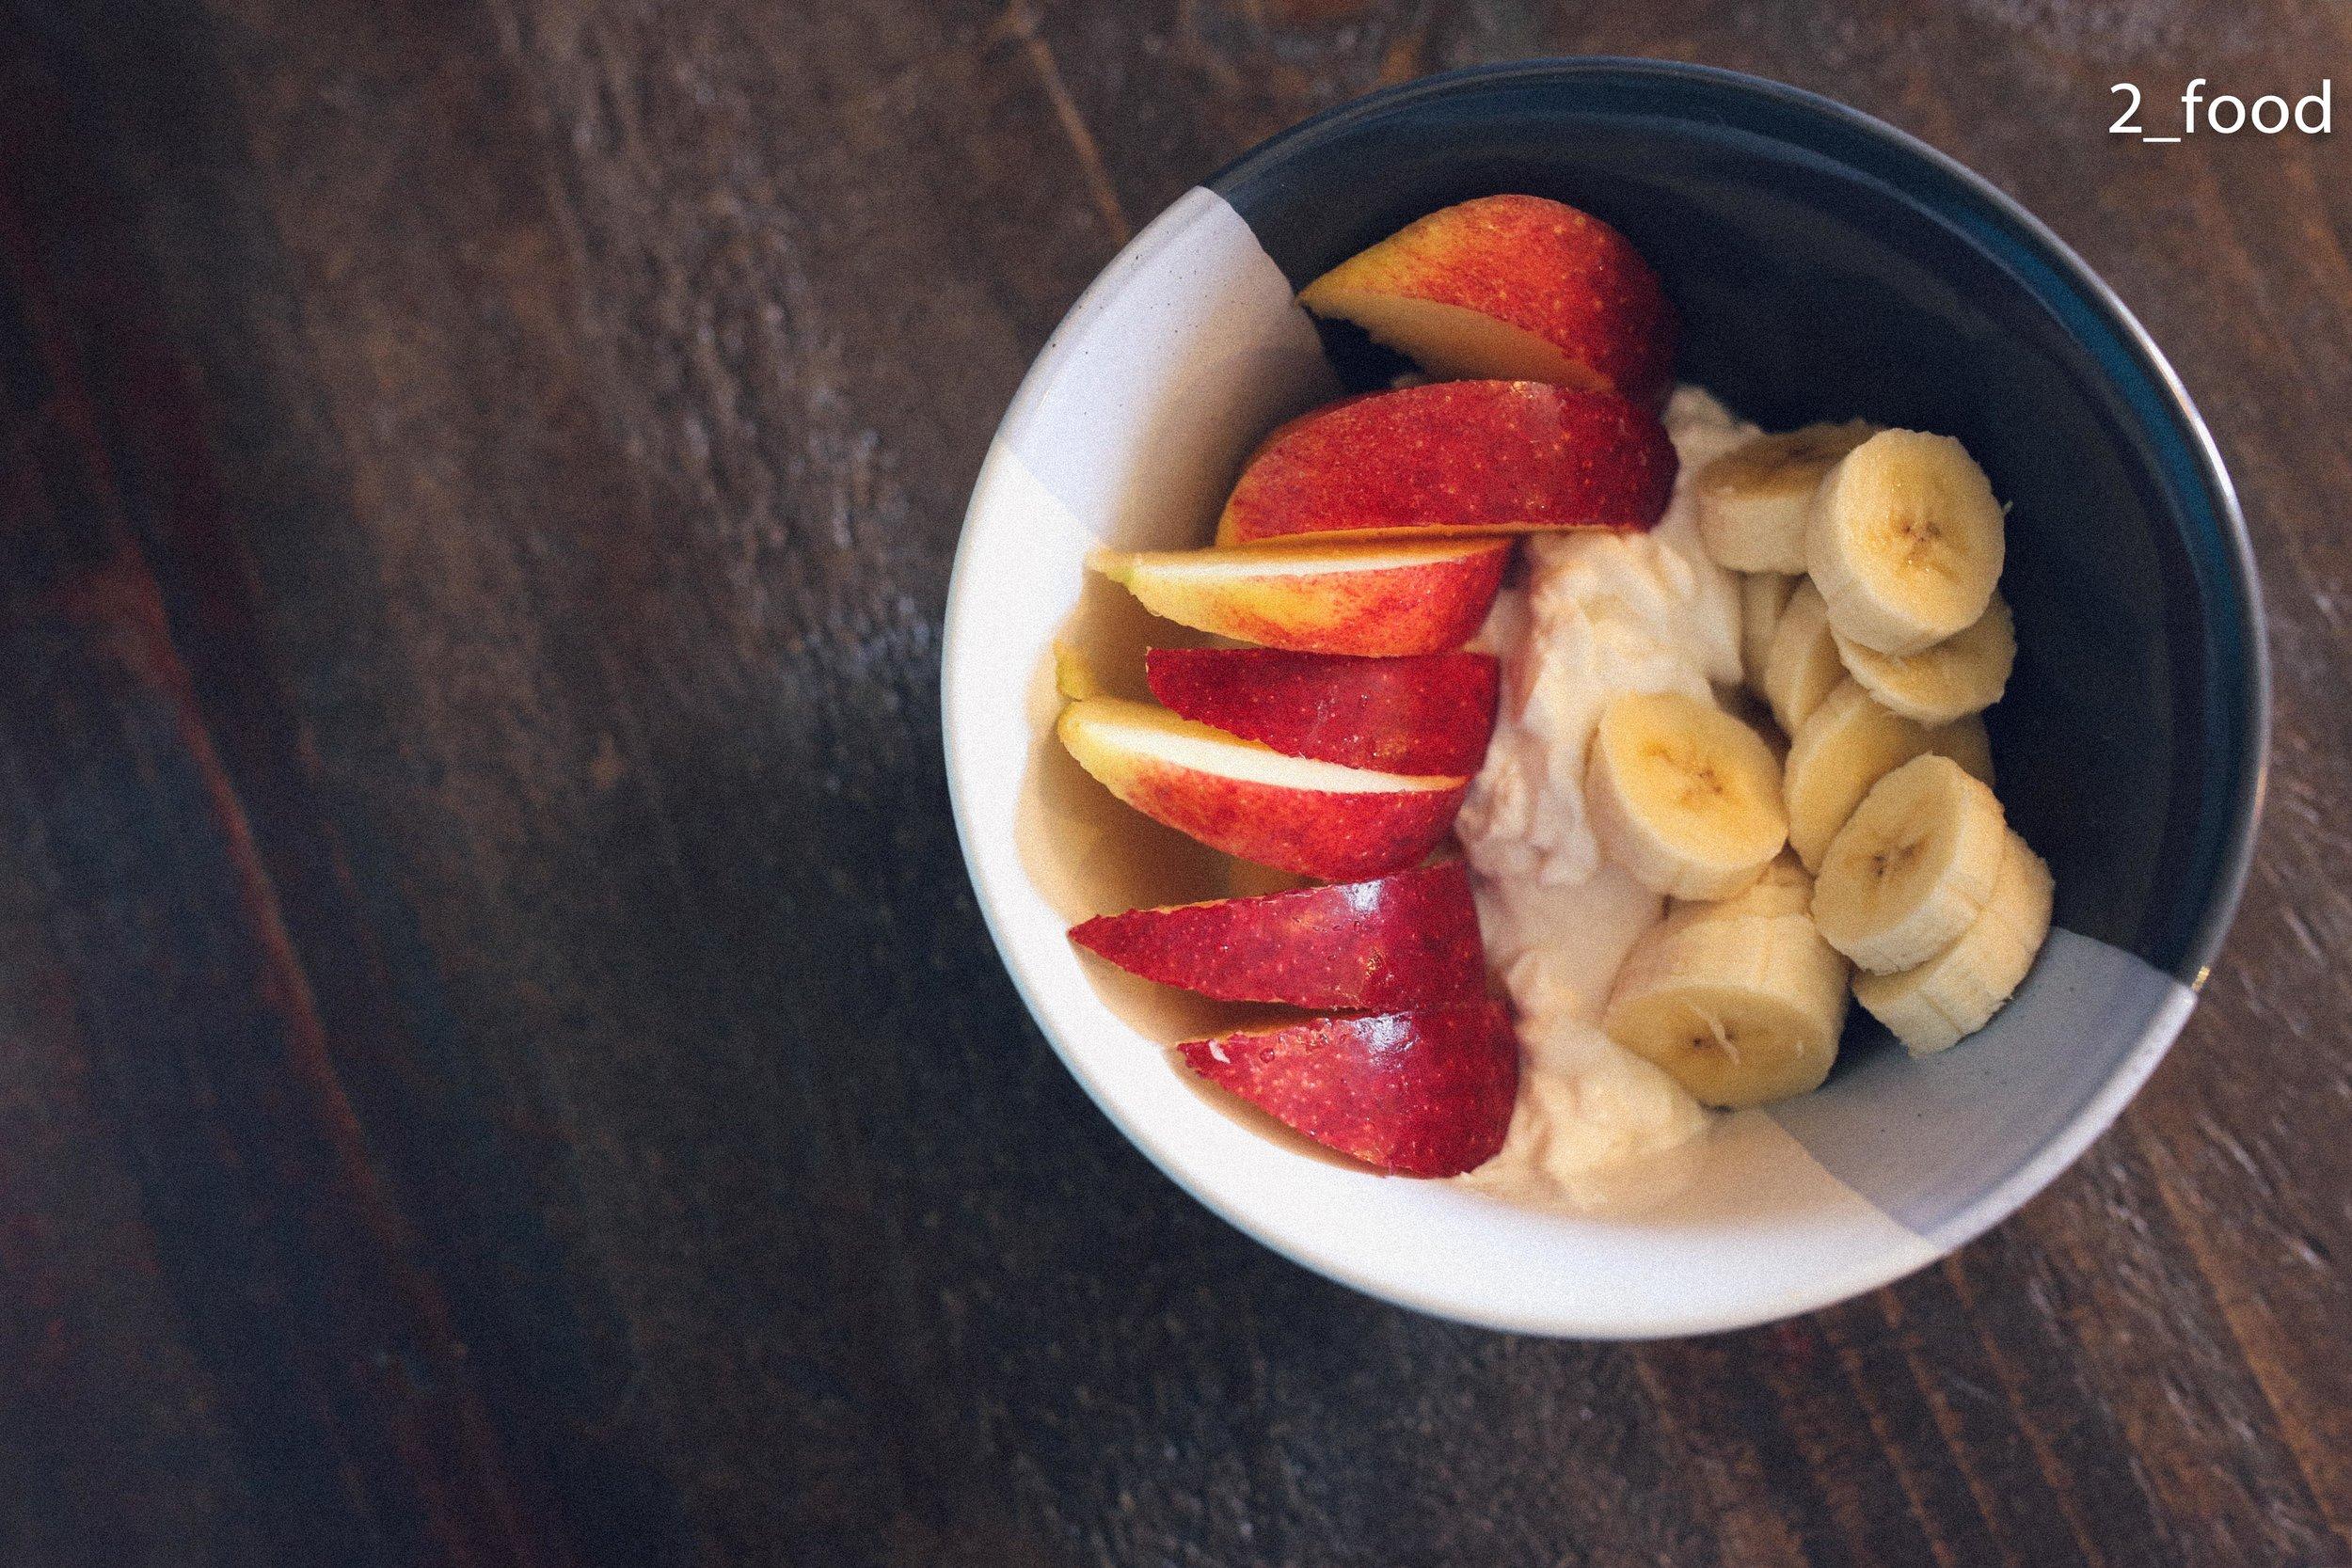 2_food.jpg